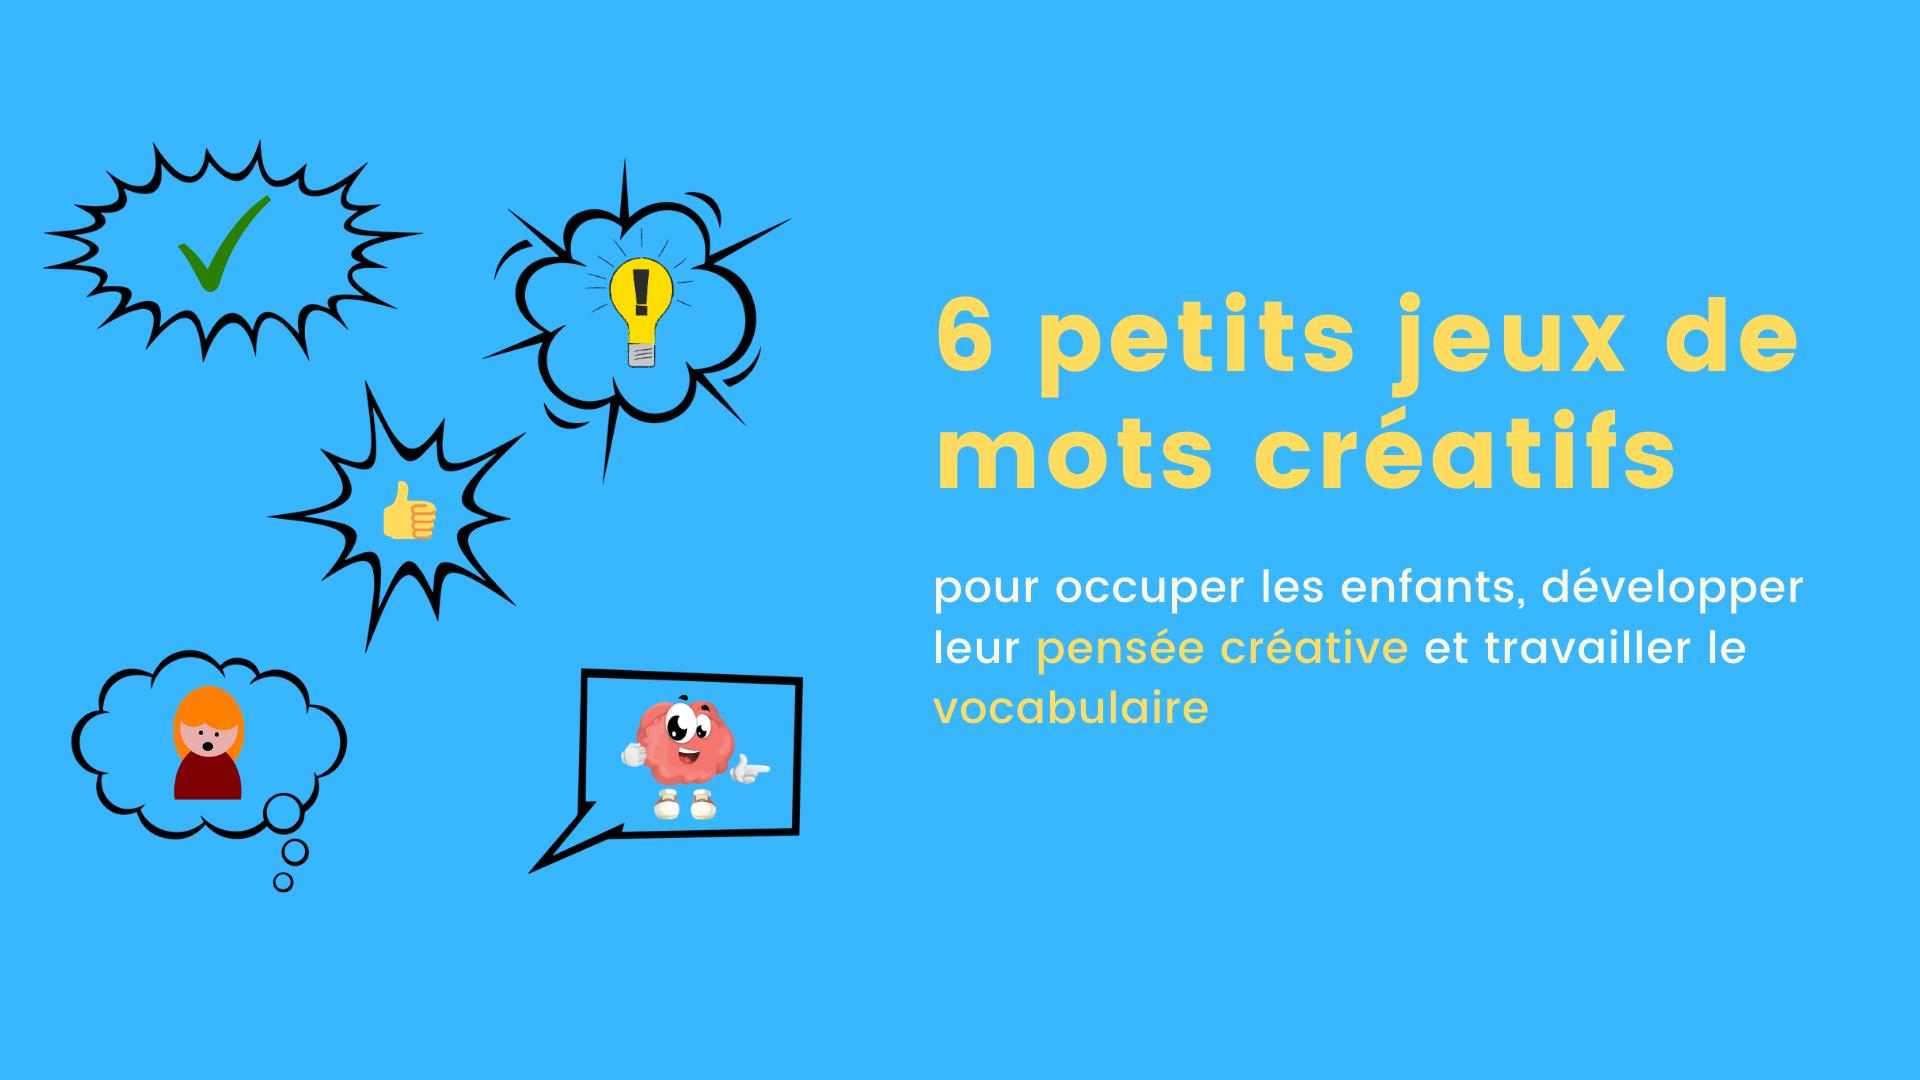 6 Petits Jeux De Mots Créatifs Pour Occuper Les Enfants encequiconcerne Jeux De Mots Pour Enfants